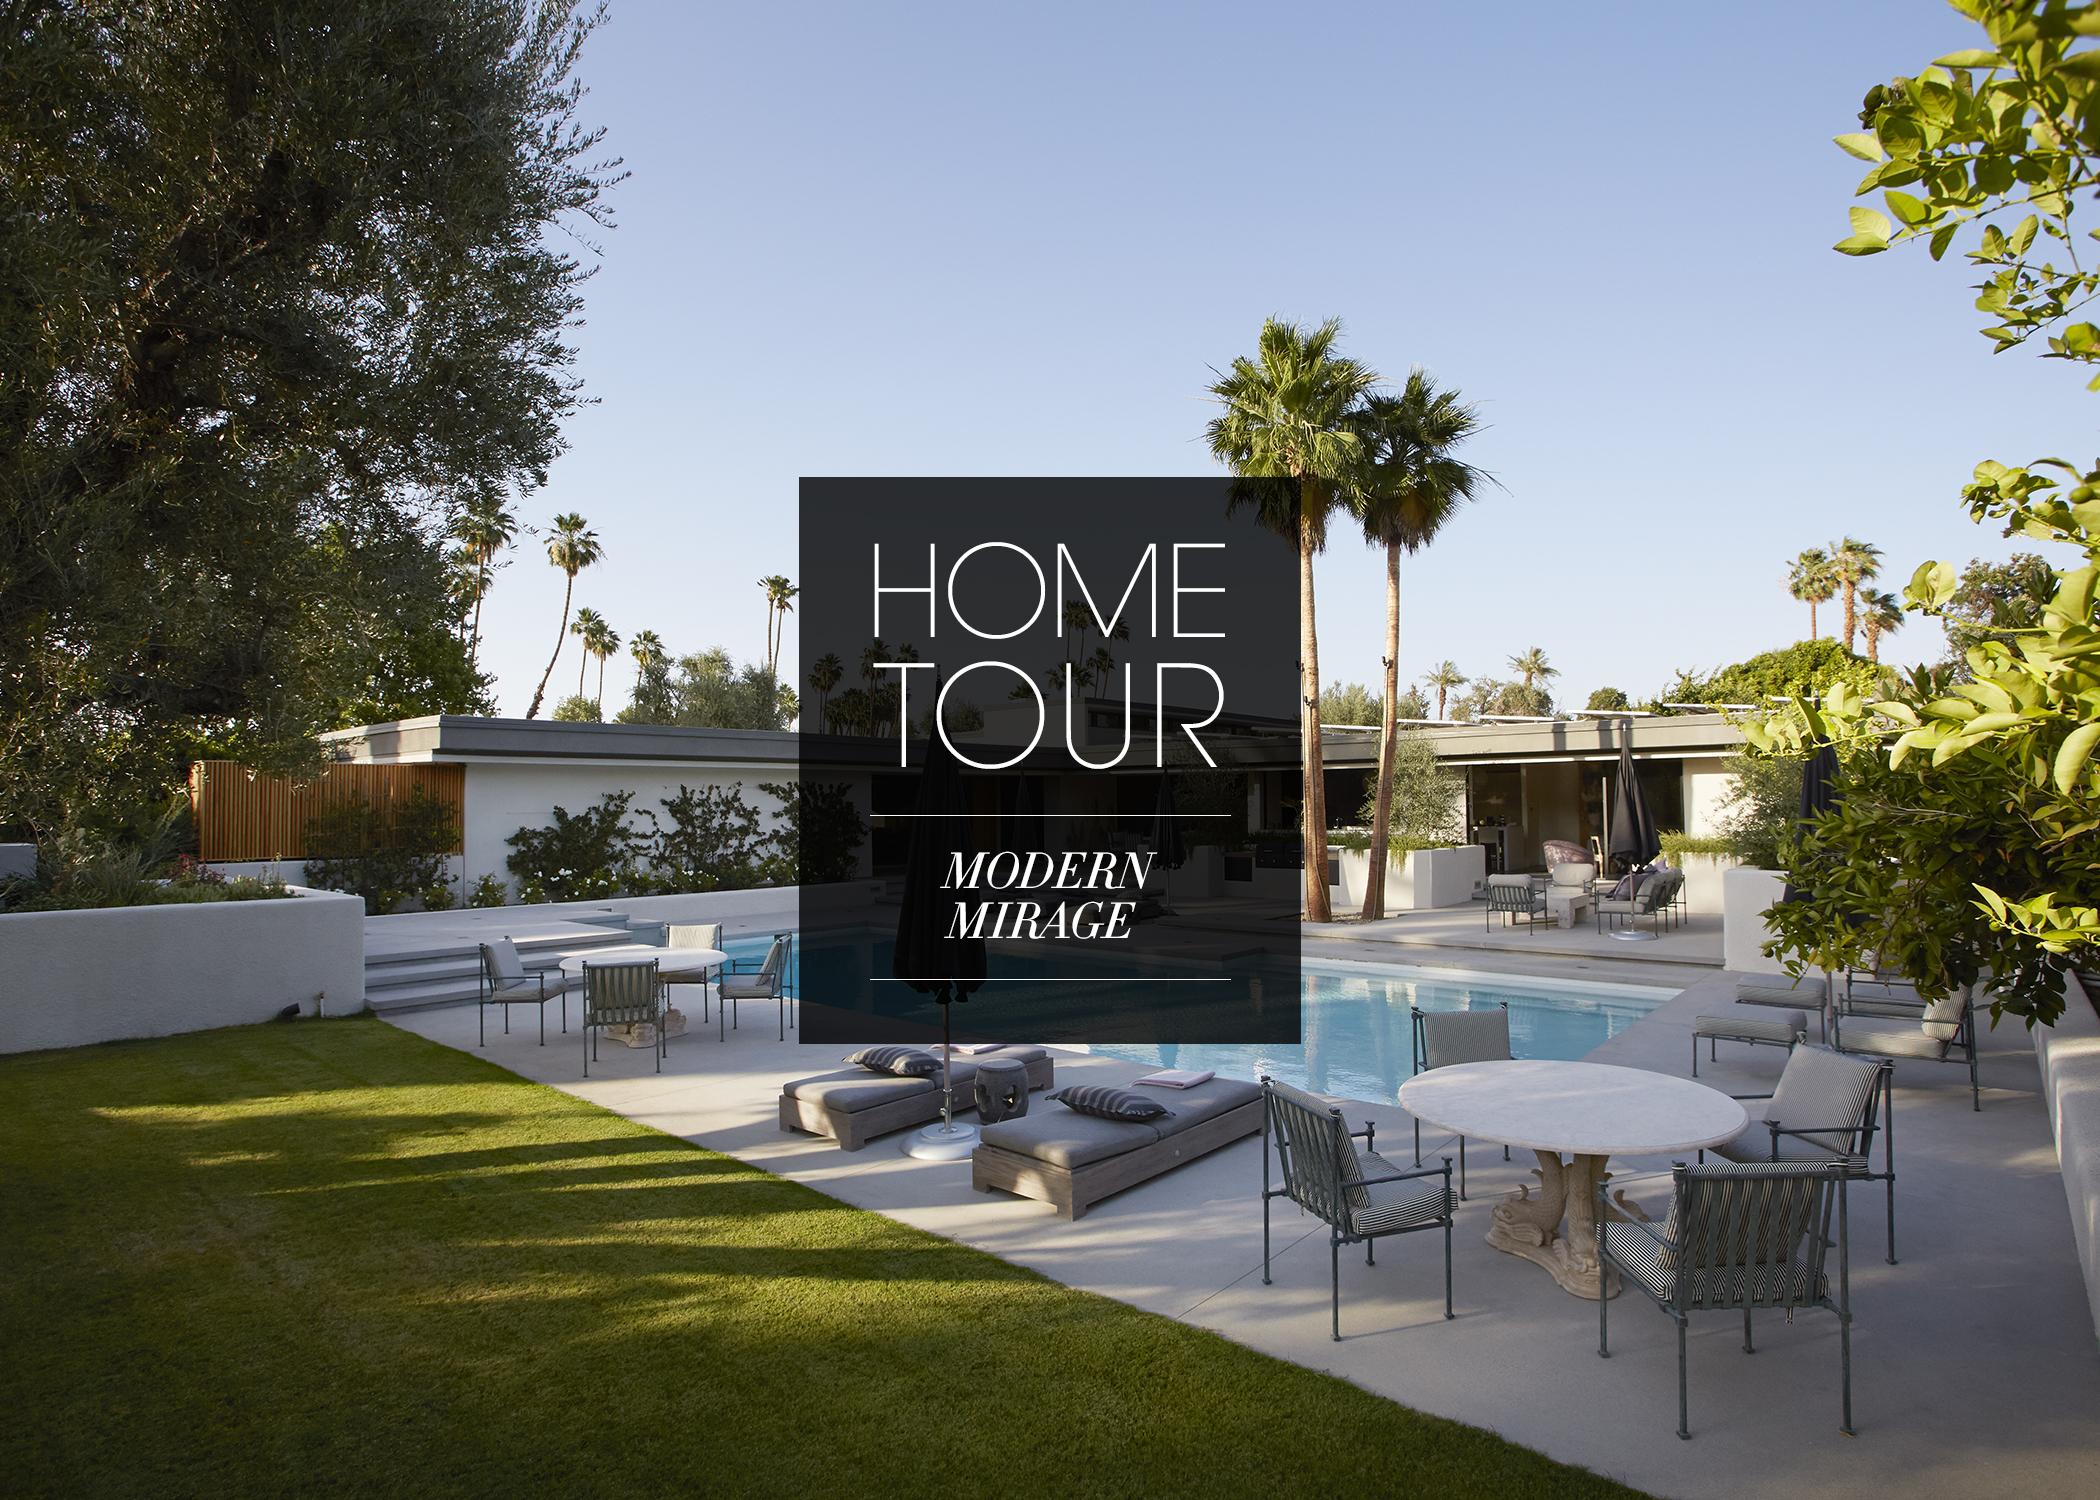 Modern Mirage Home Tour Kohler Ideas